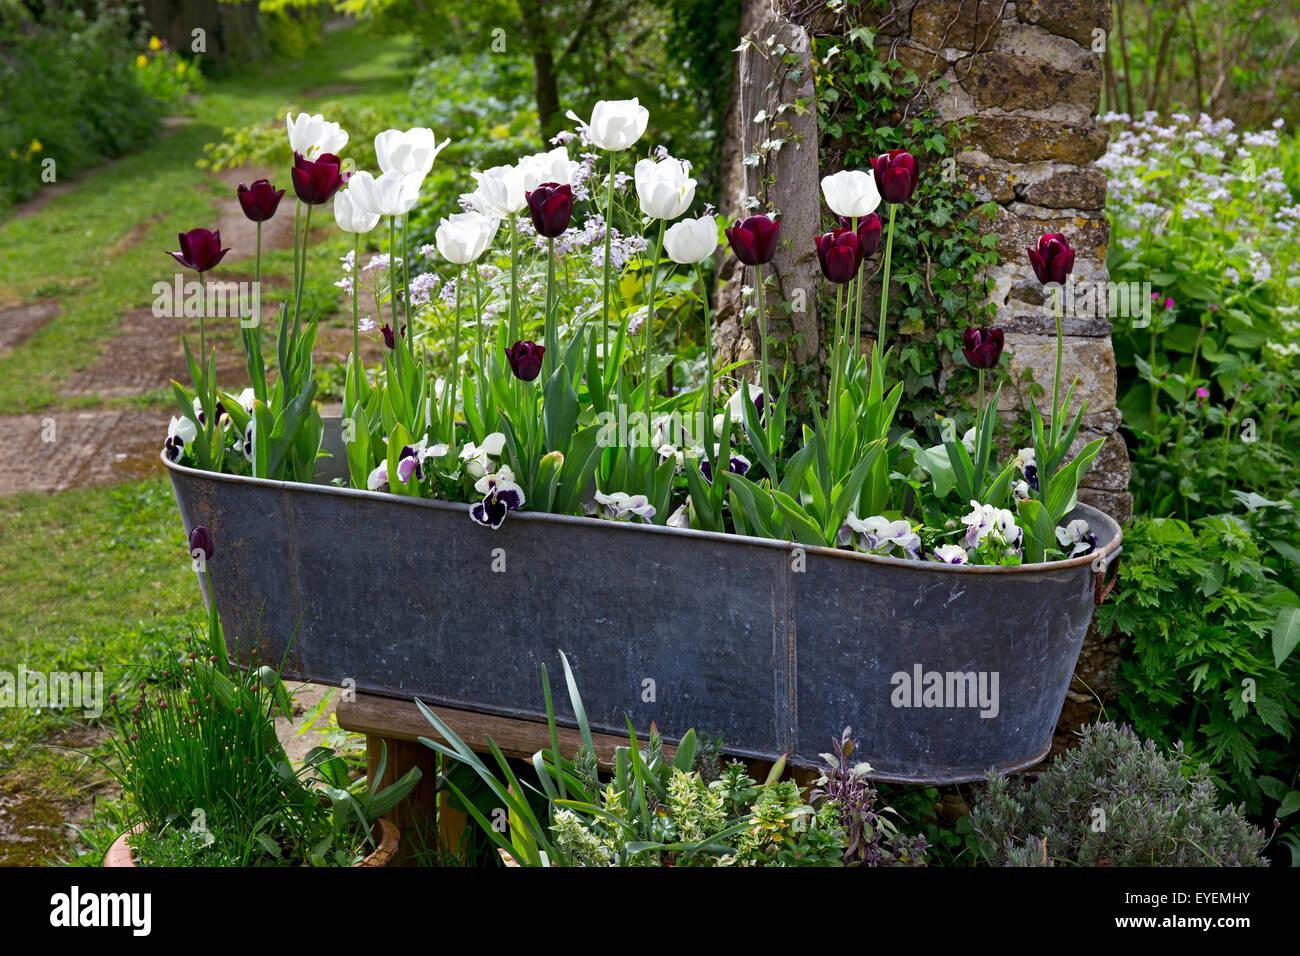 Que Faire Avec Une Vieille Baignoire vieille baignoire avec fleurs de printemps banque d'images, photo